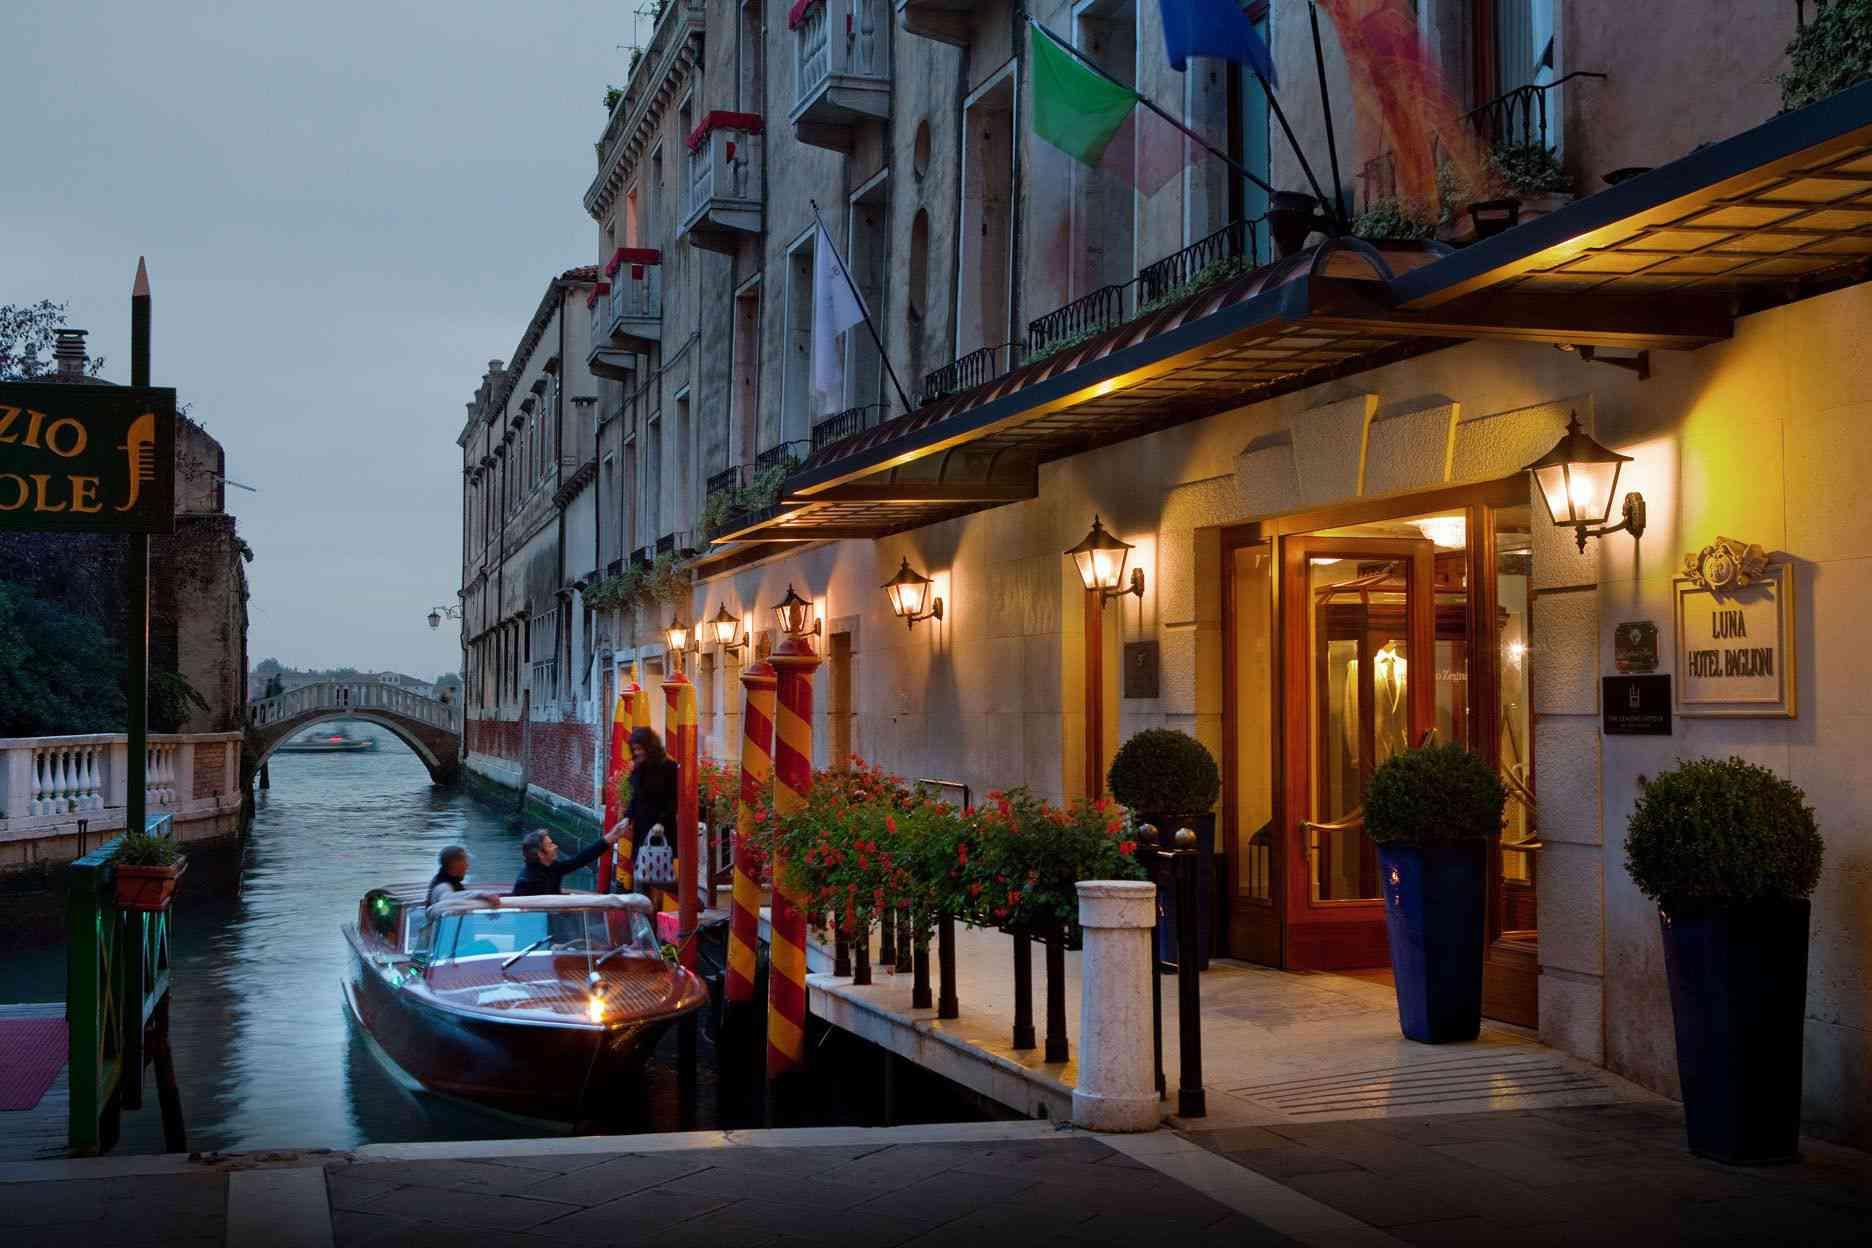 By Luna Hotel Baglioni Used Permission